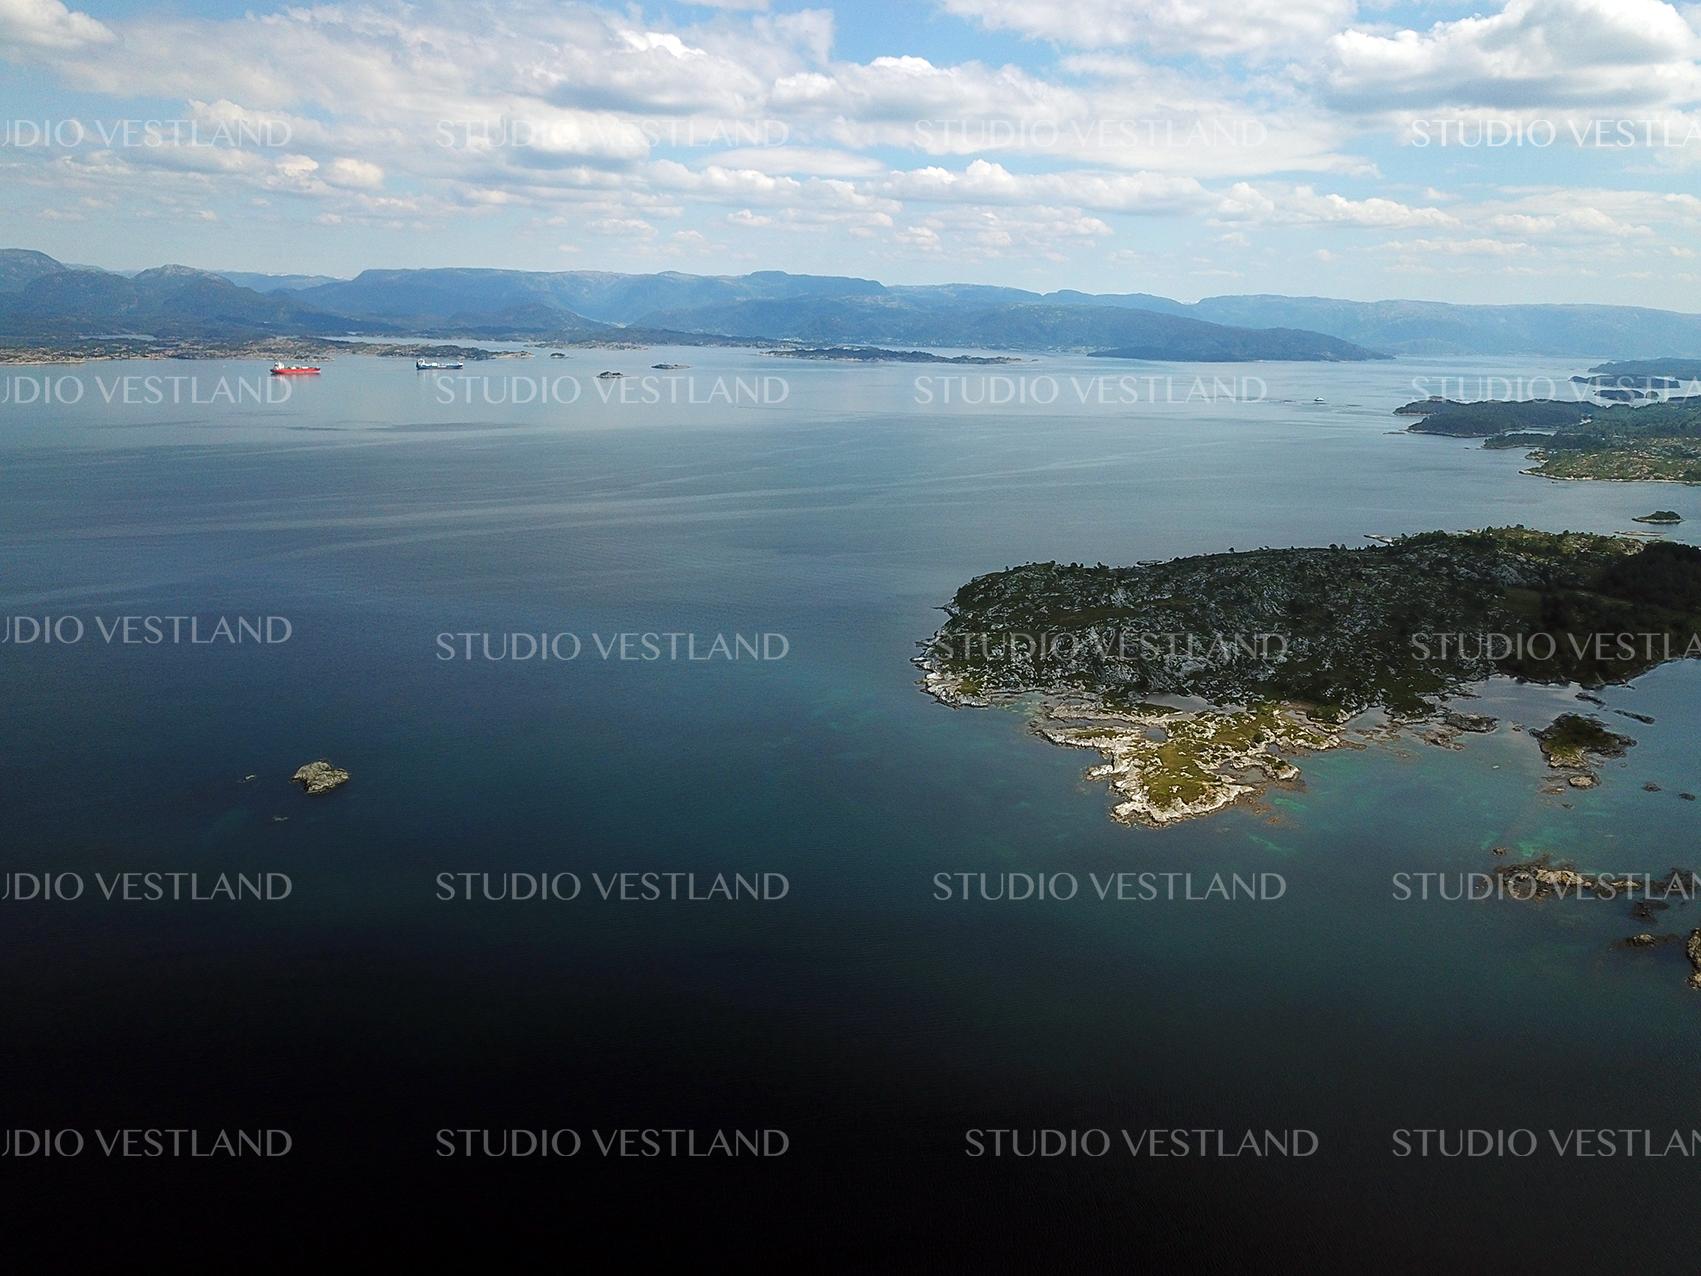 Studio Vestland - Mongstad omegn 03